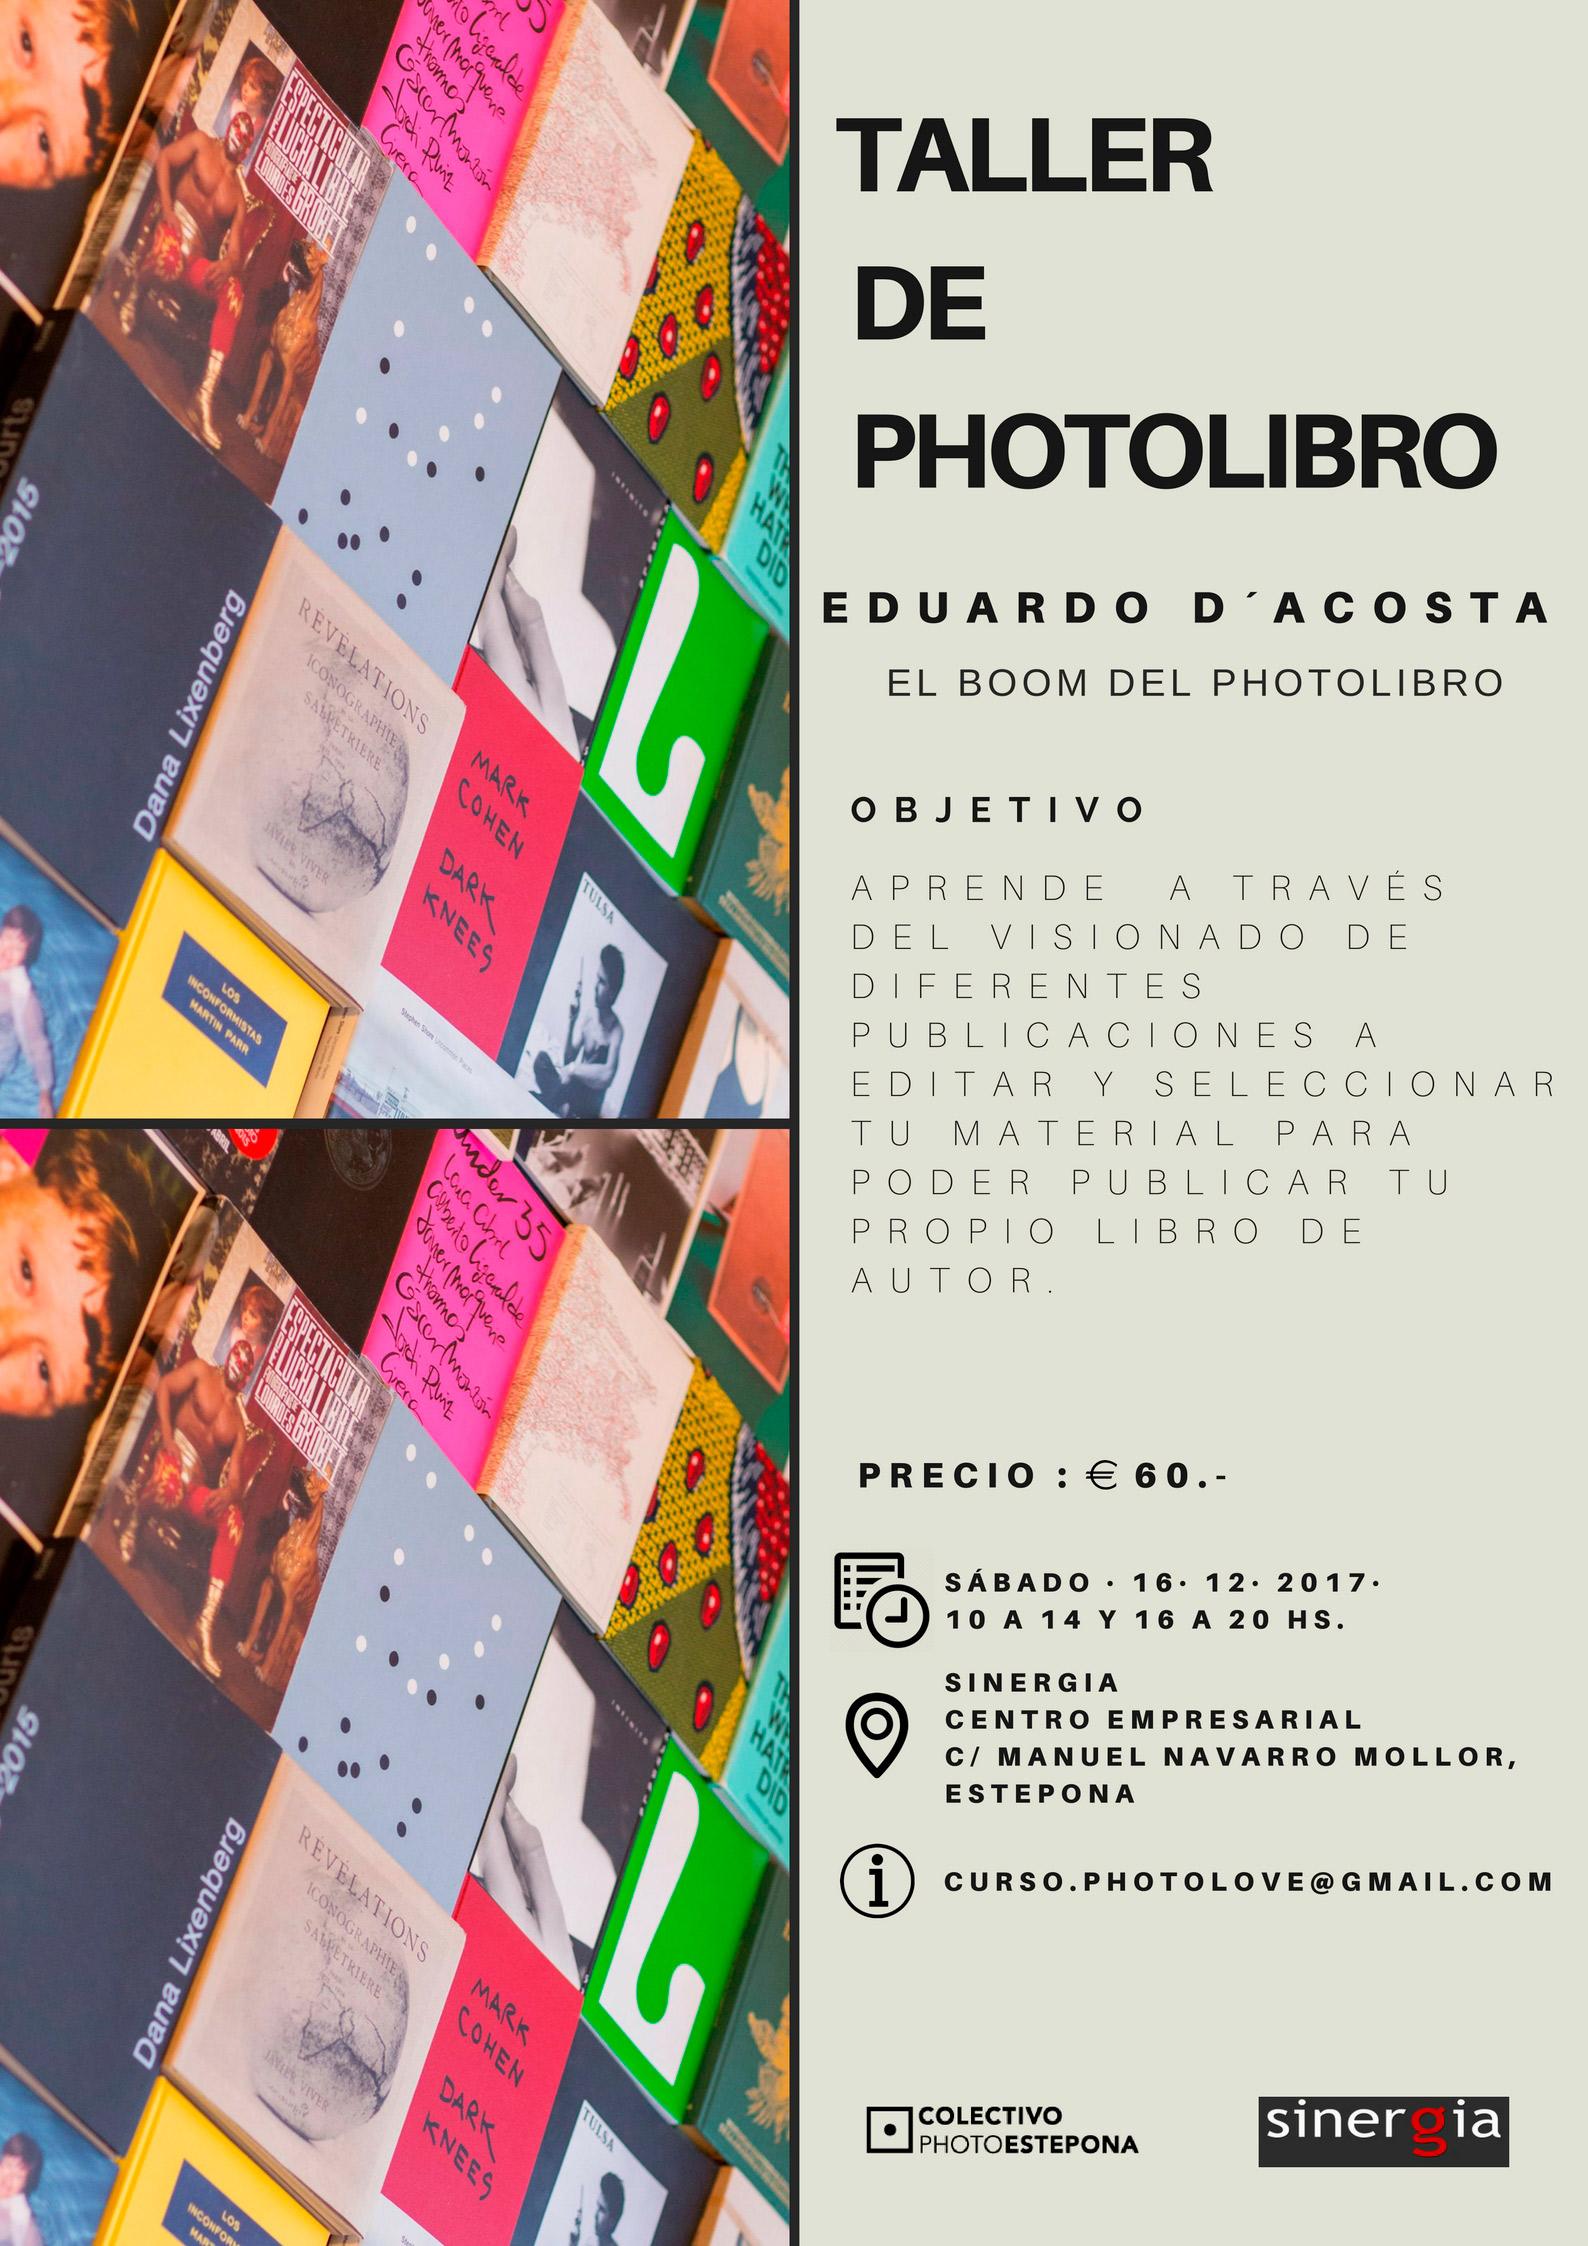 Cartel del Taller de Photolibro